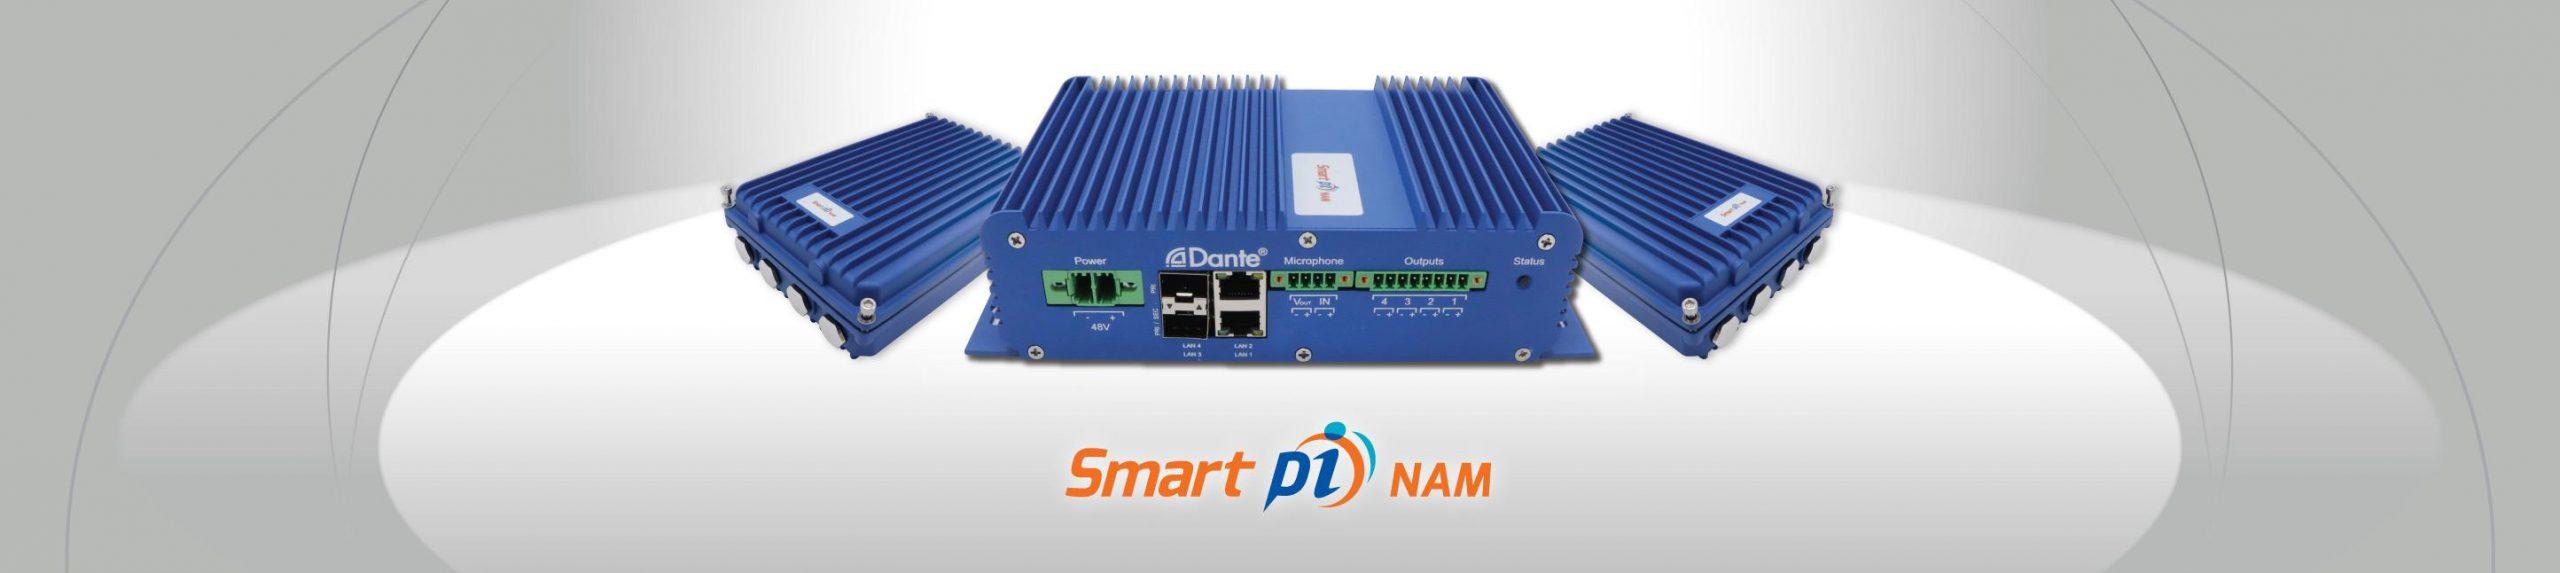 Smart pi NAM